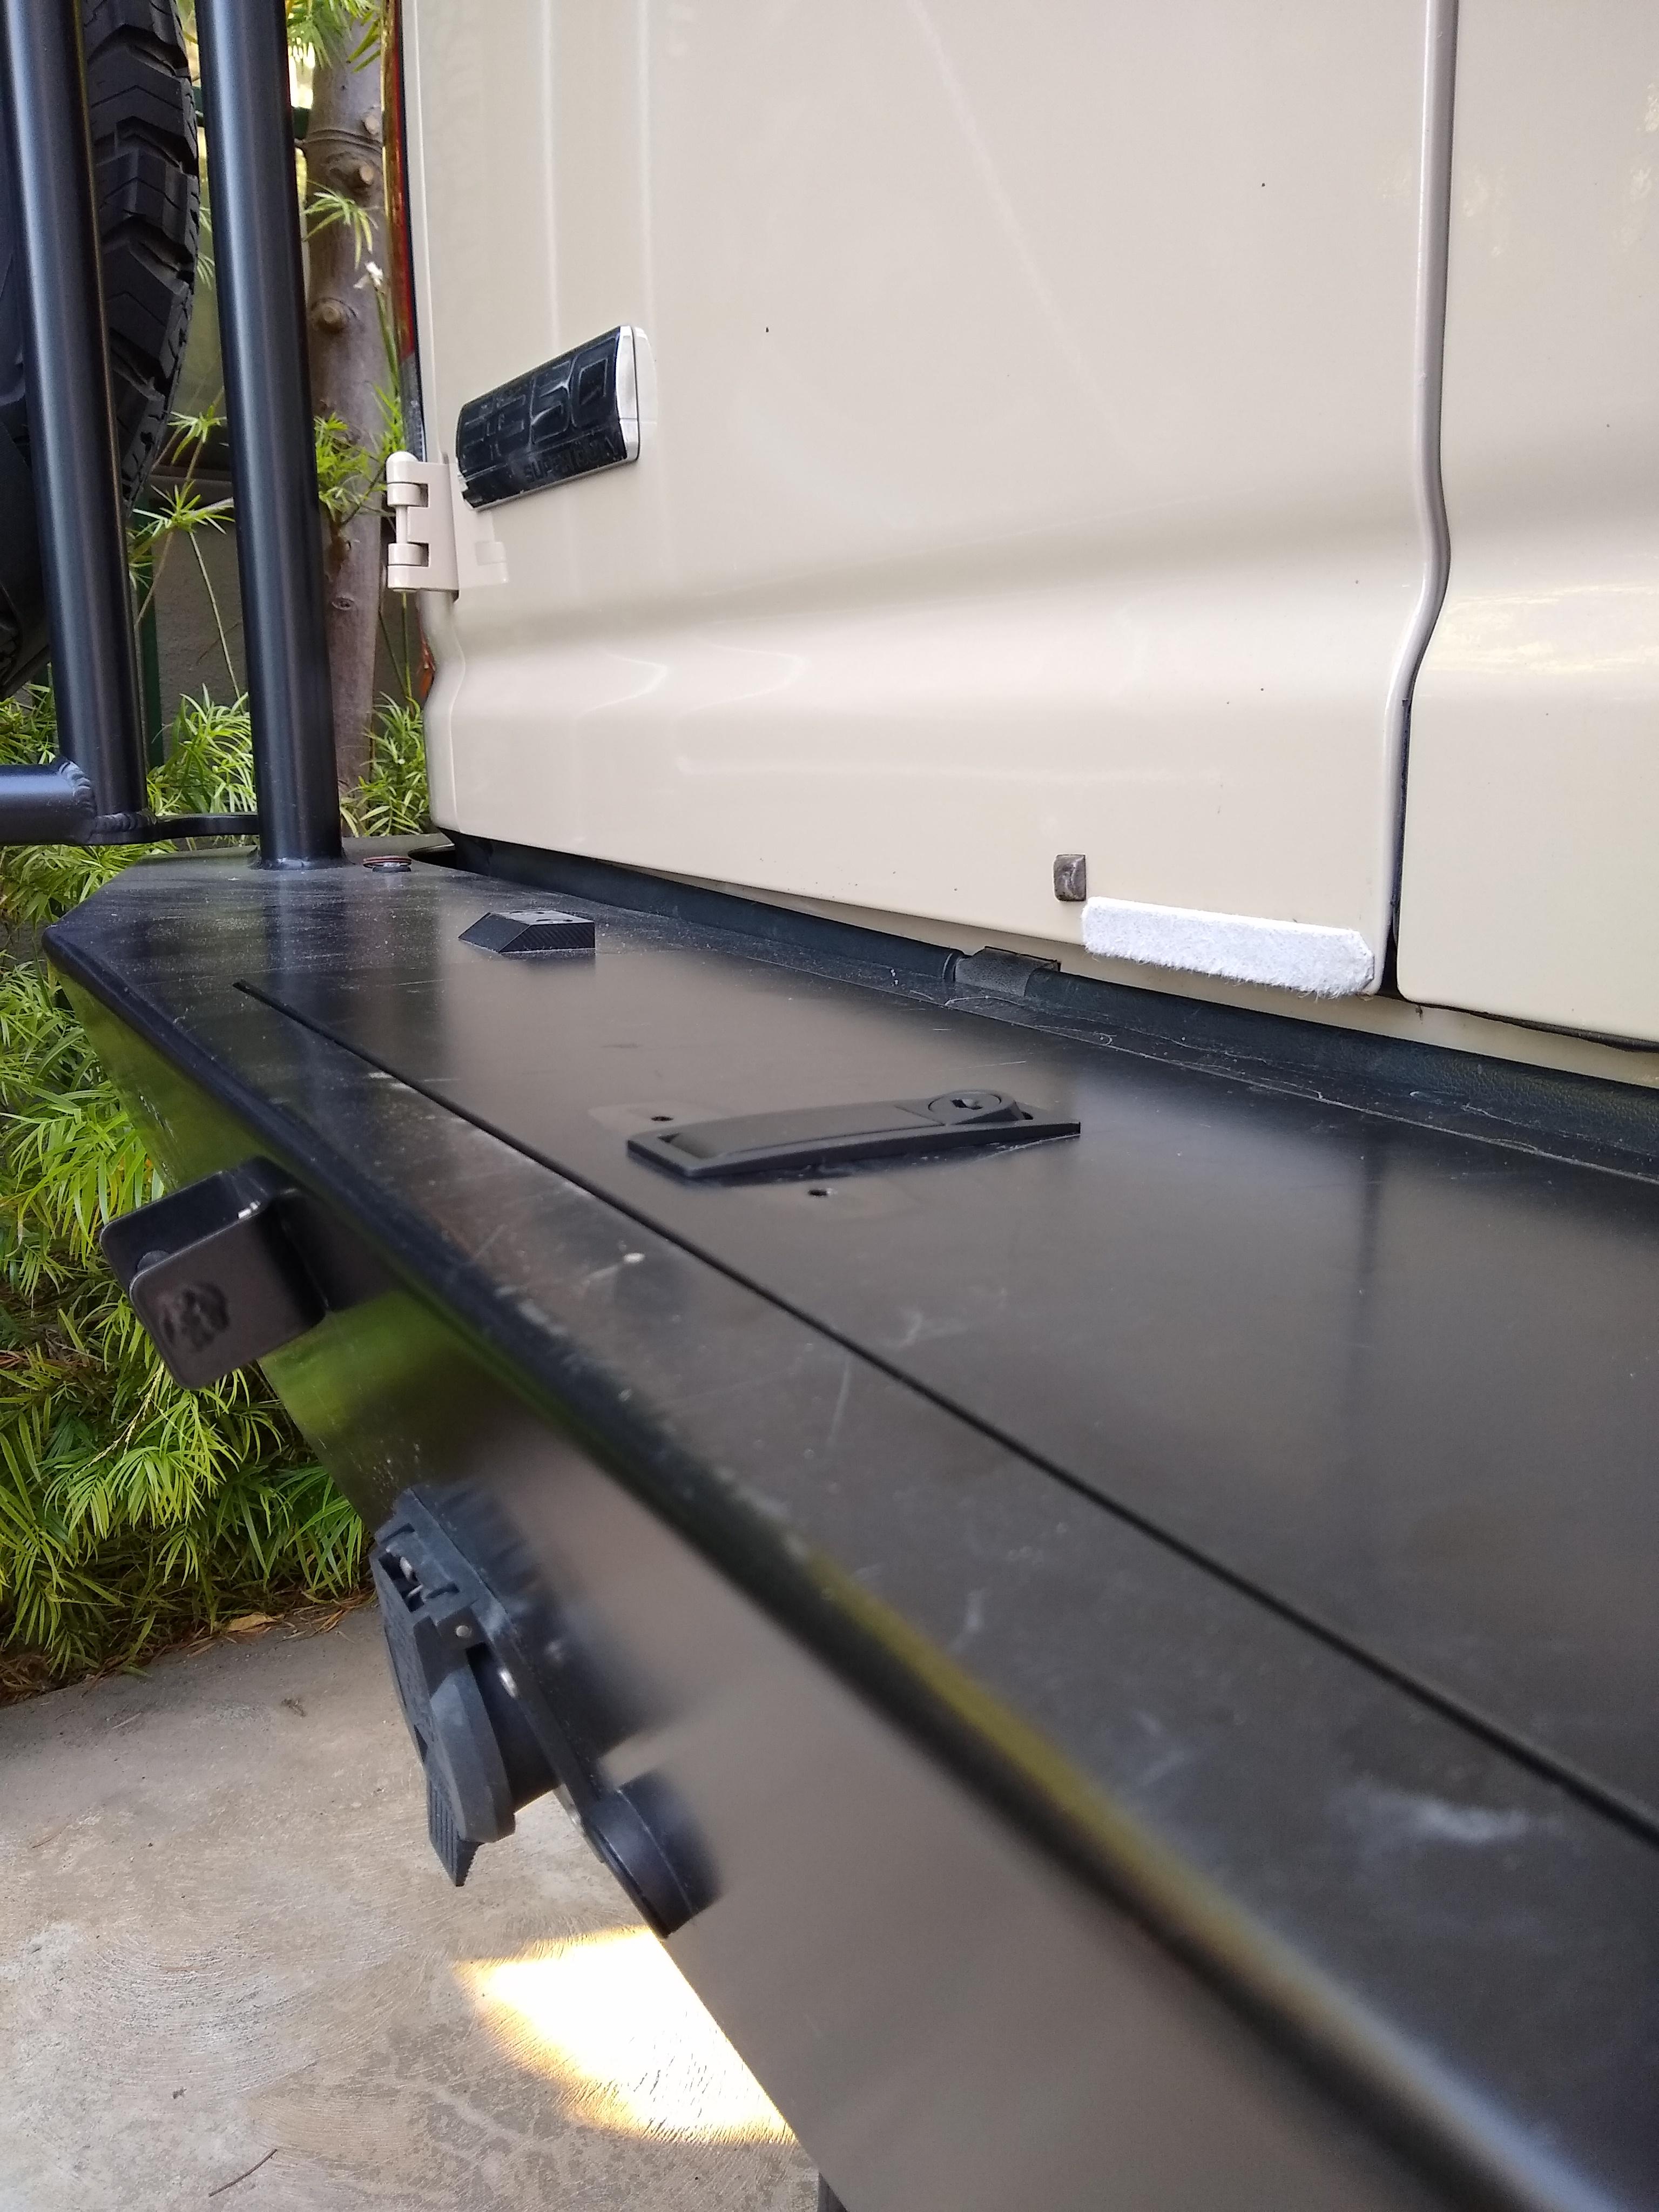 Bumper storage latch 7